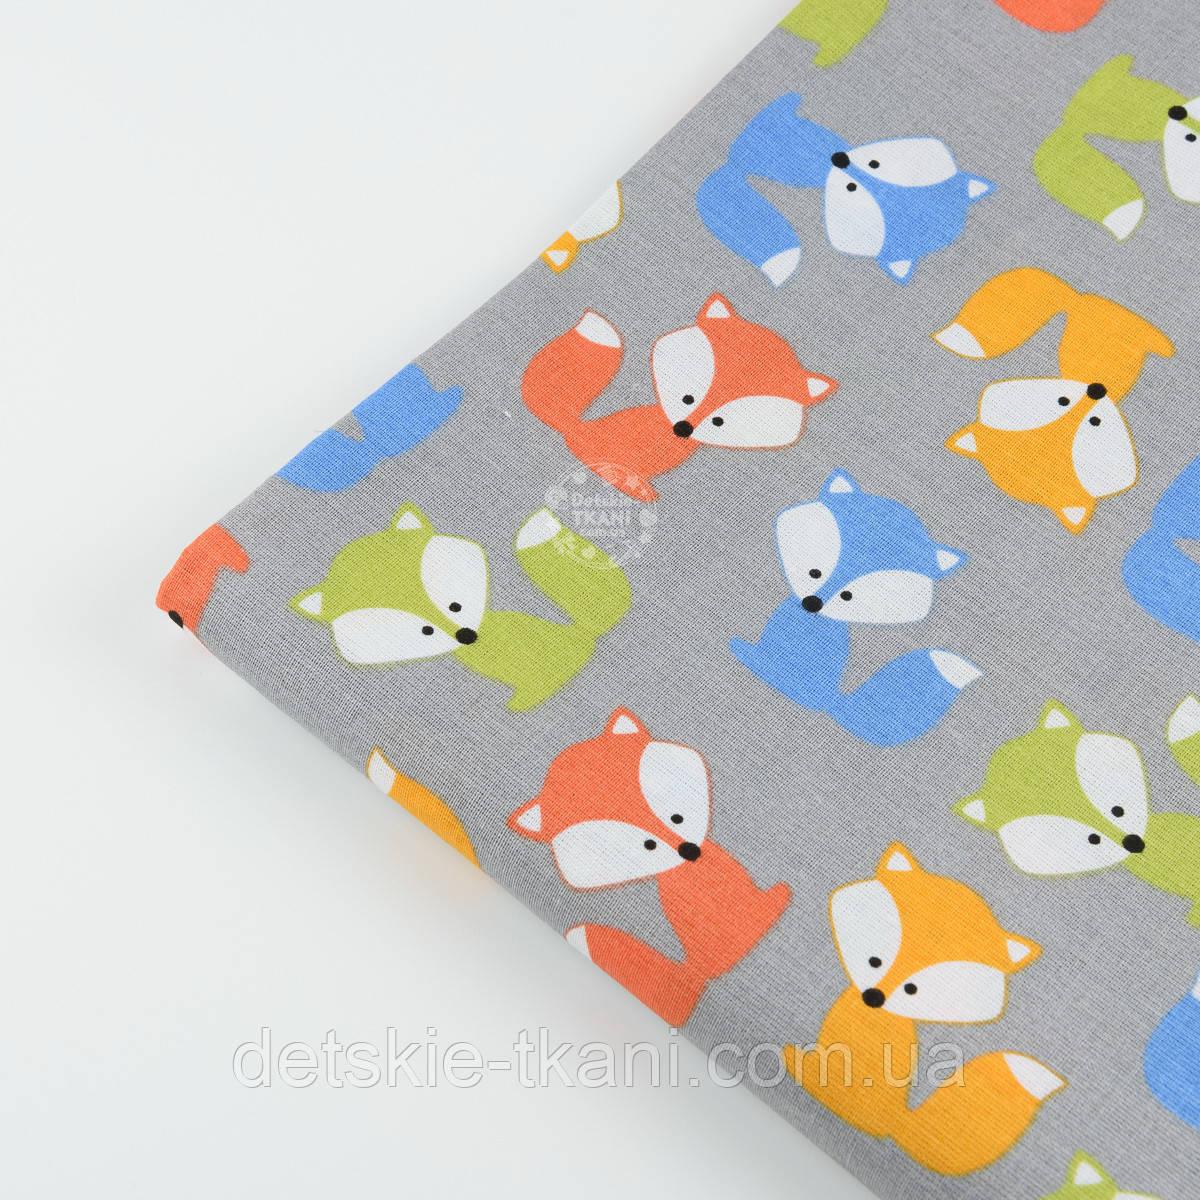 Лоскут ткани №839  с разноцветными лисичками на сером фоне